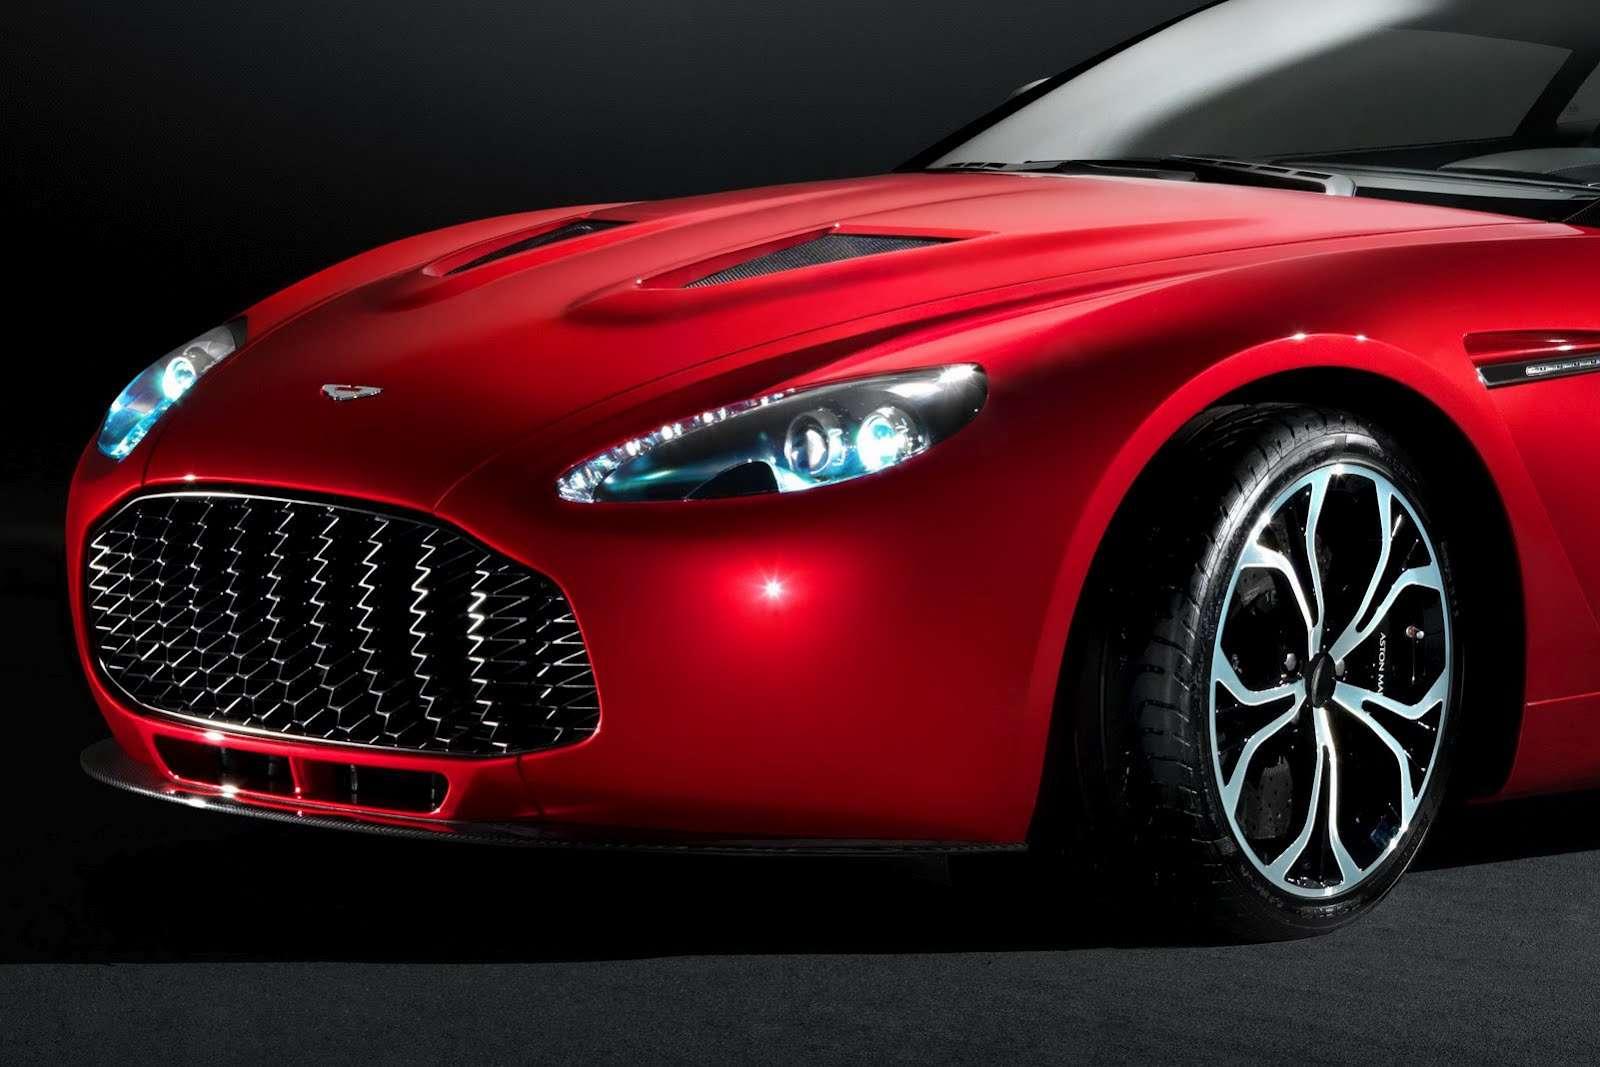 Aston Martin V12 Zagato fot luty 2012